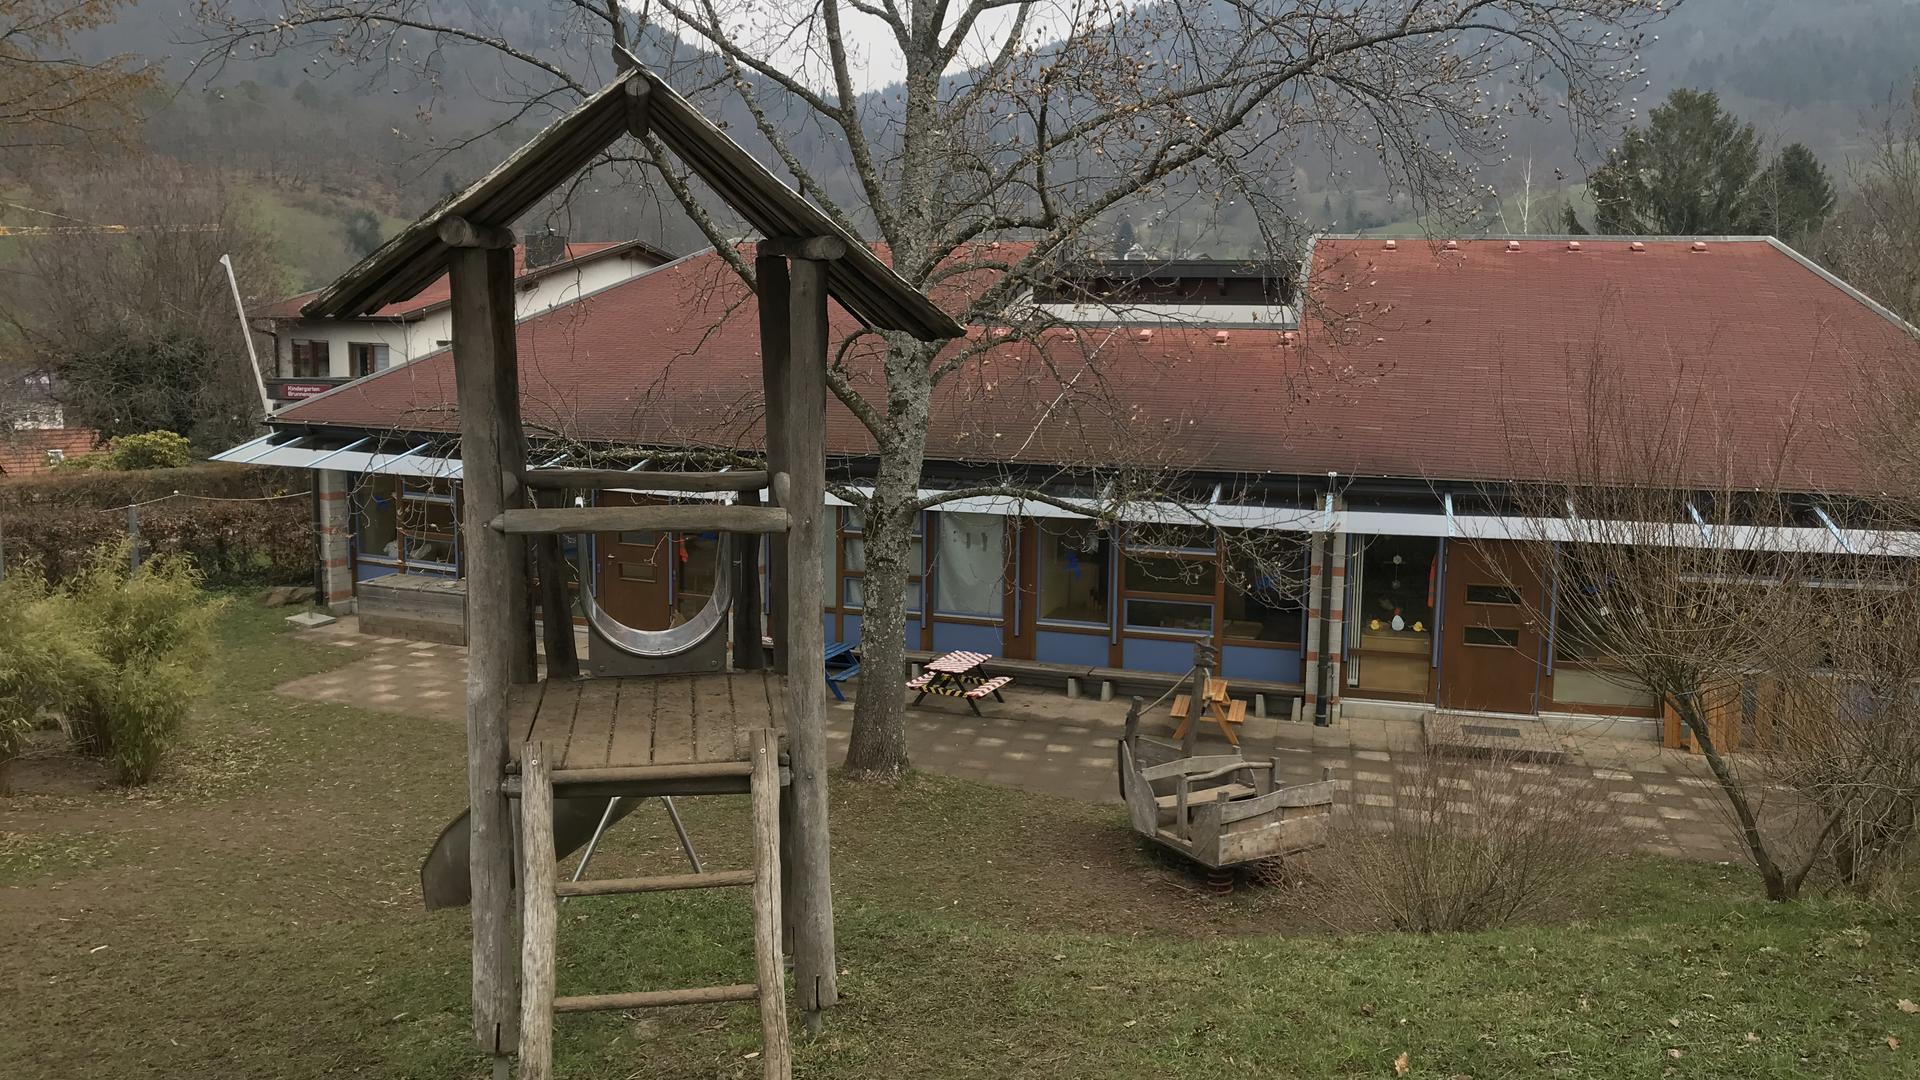 Ein Kindergarten mit einem Spielplatz davor.